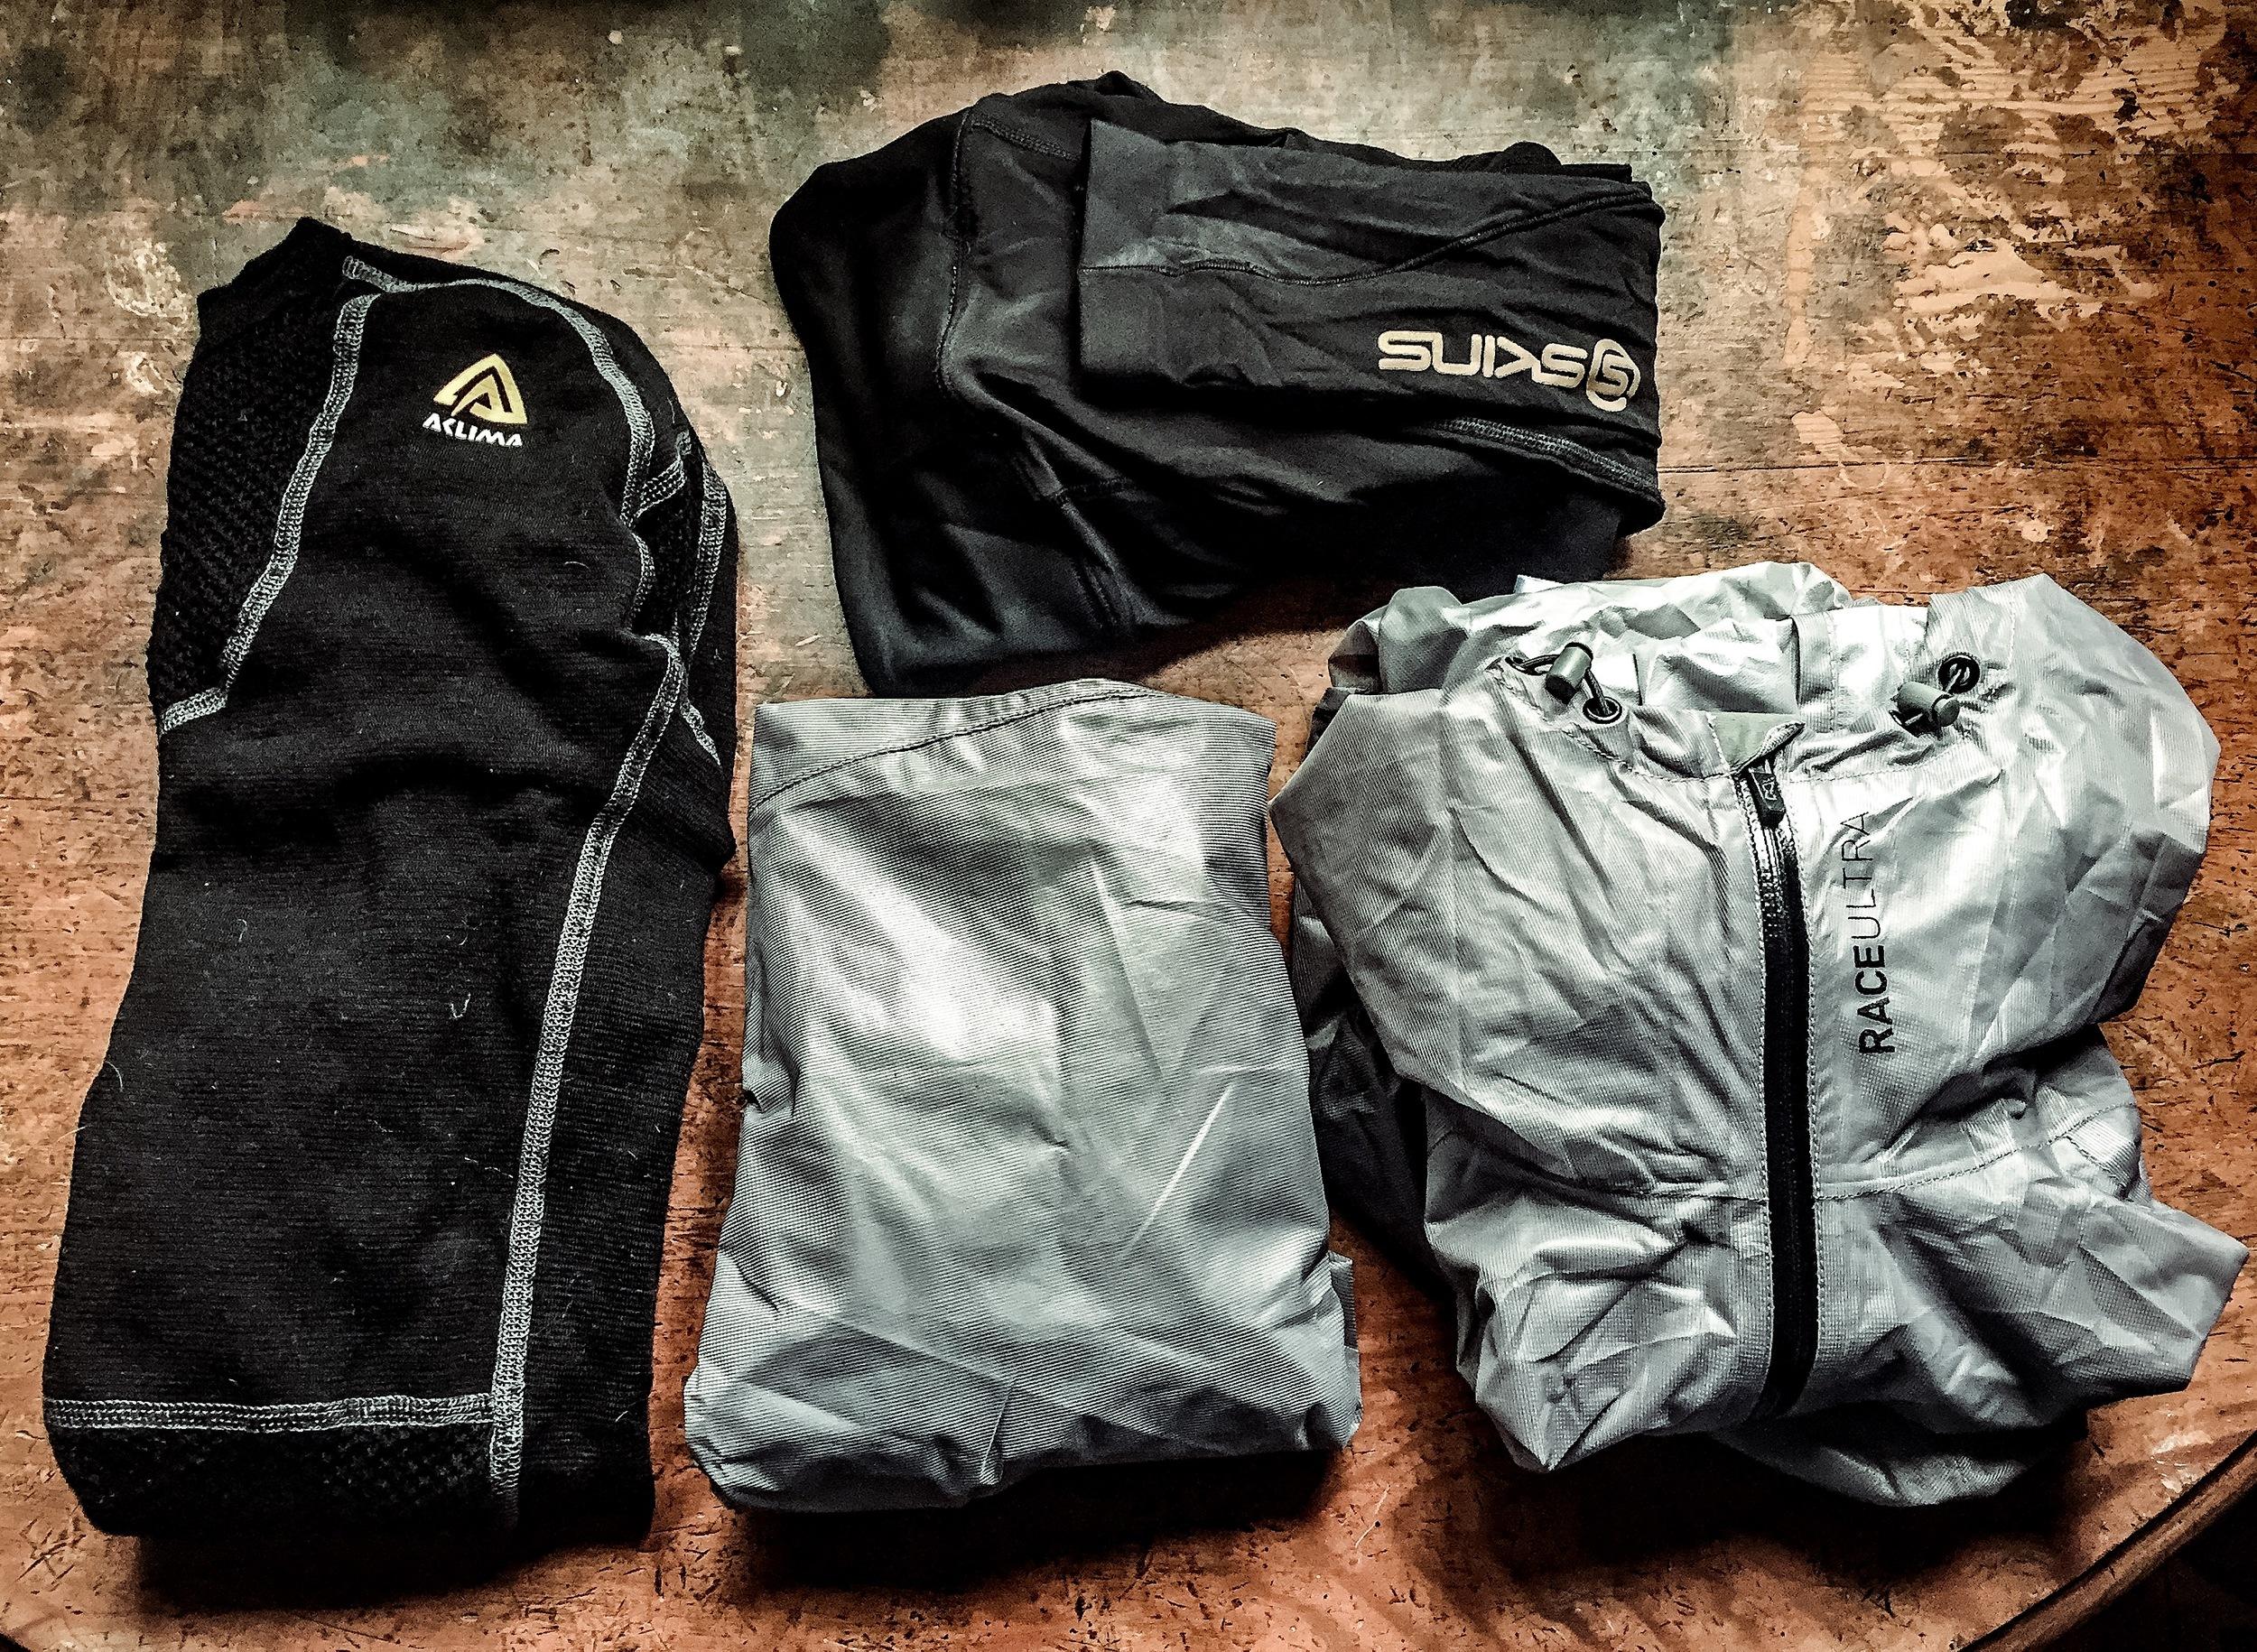 Varm långärmad underställströja från Aclima, långa tights från Skins, vattentäta överdragsbyxor och vattentät jacka med huva från Inov-8. Allt komprimeras och förpackas i plastpåsar i ryggsäcken.